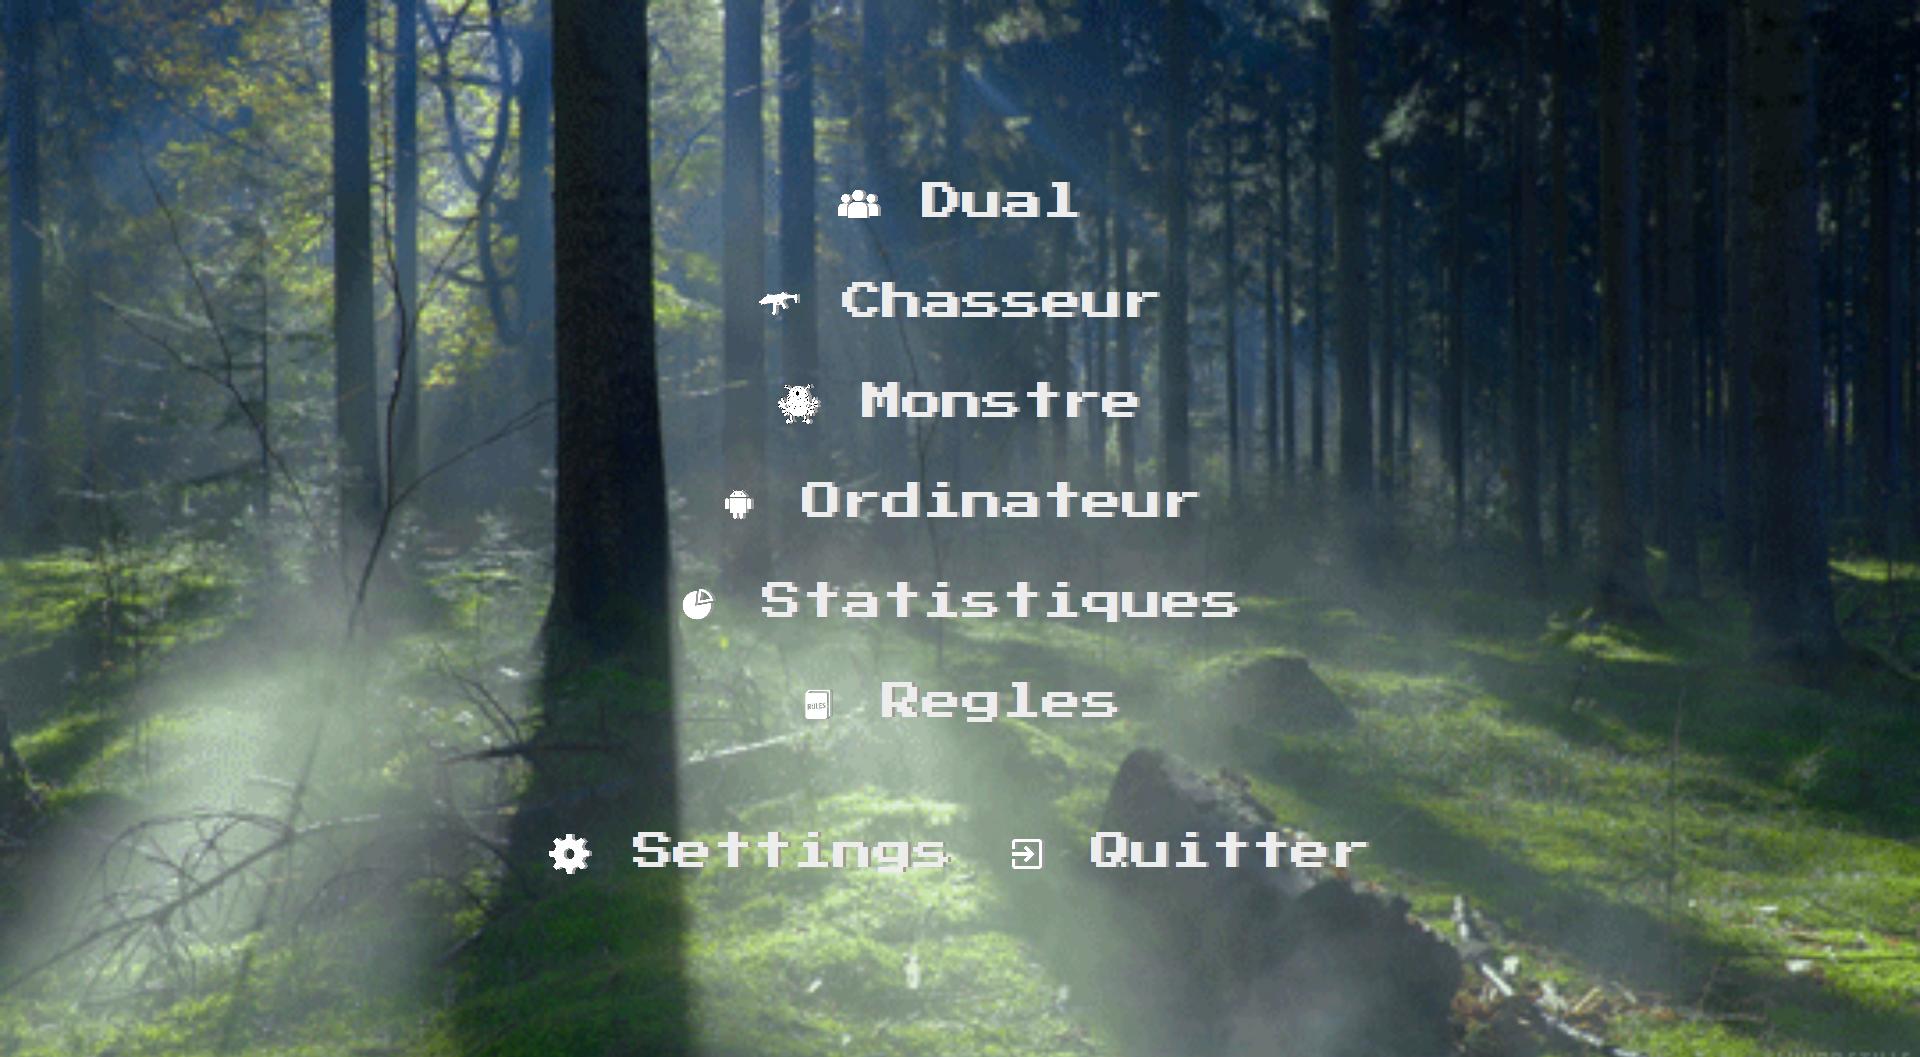 Accueil jeu chasse au monstre